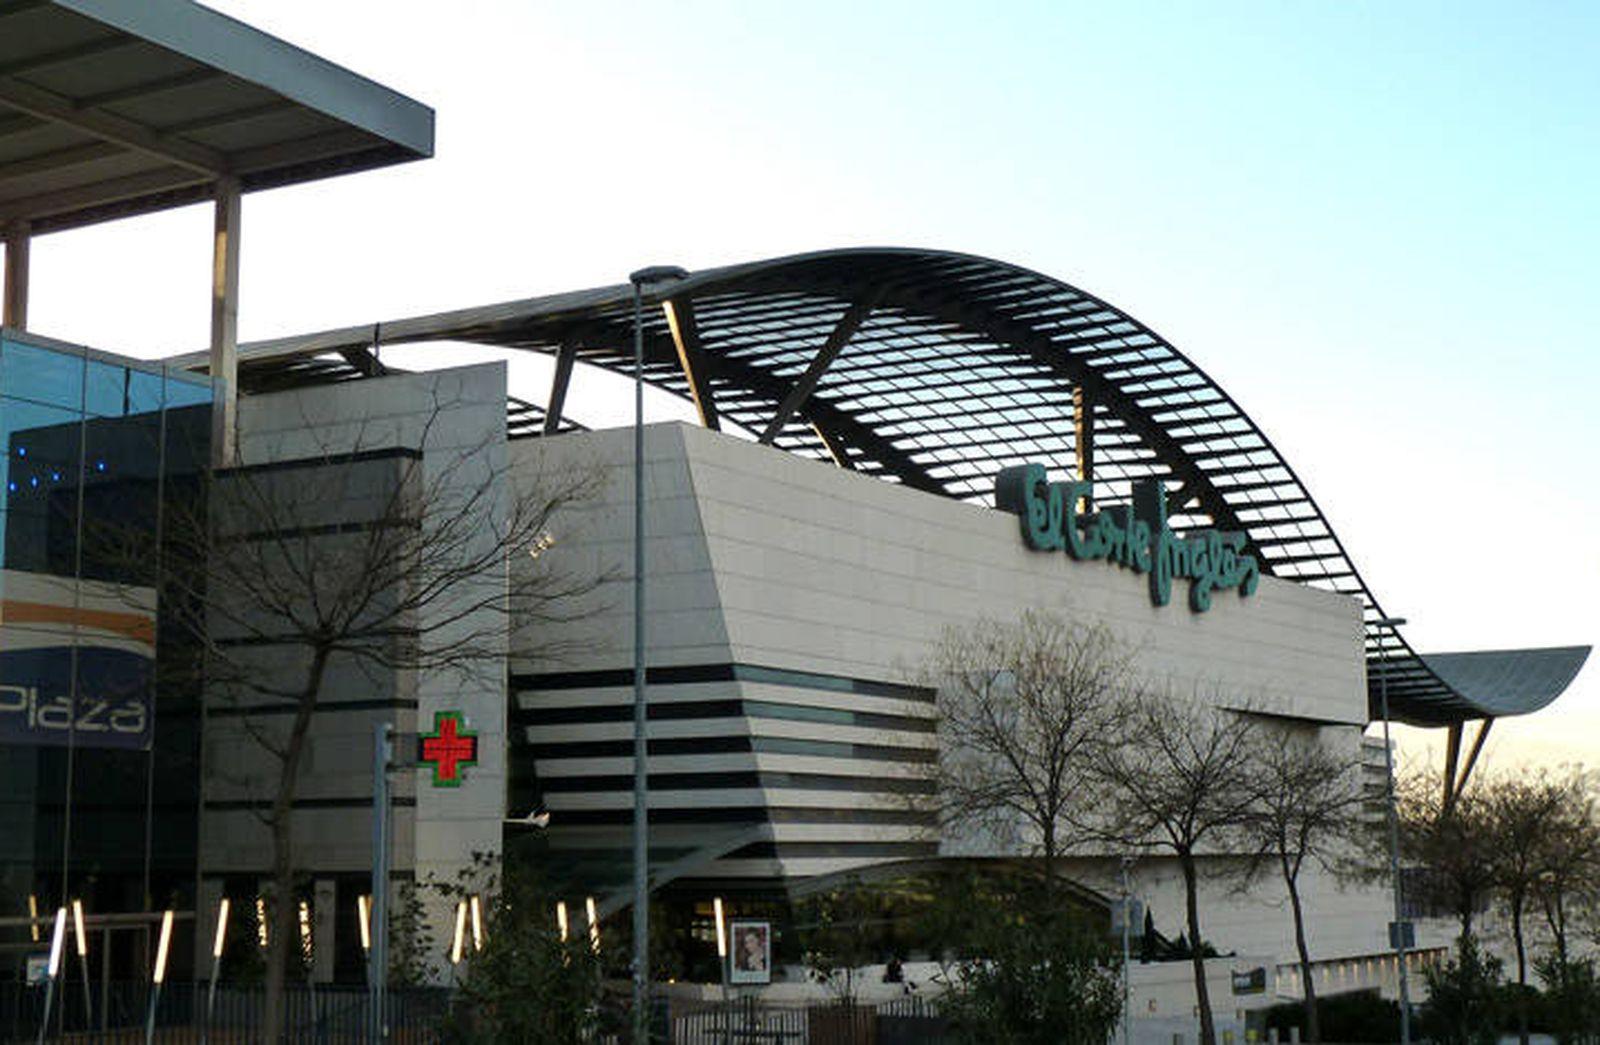 Noticias De El Corte Ingl S Las Tiendas De El Corte Ingl S Con  ~ Reformas El Corte Ingles Opiniones